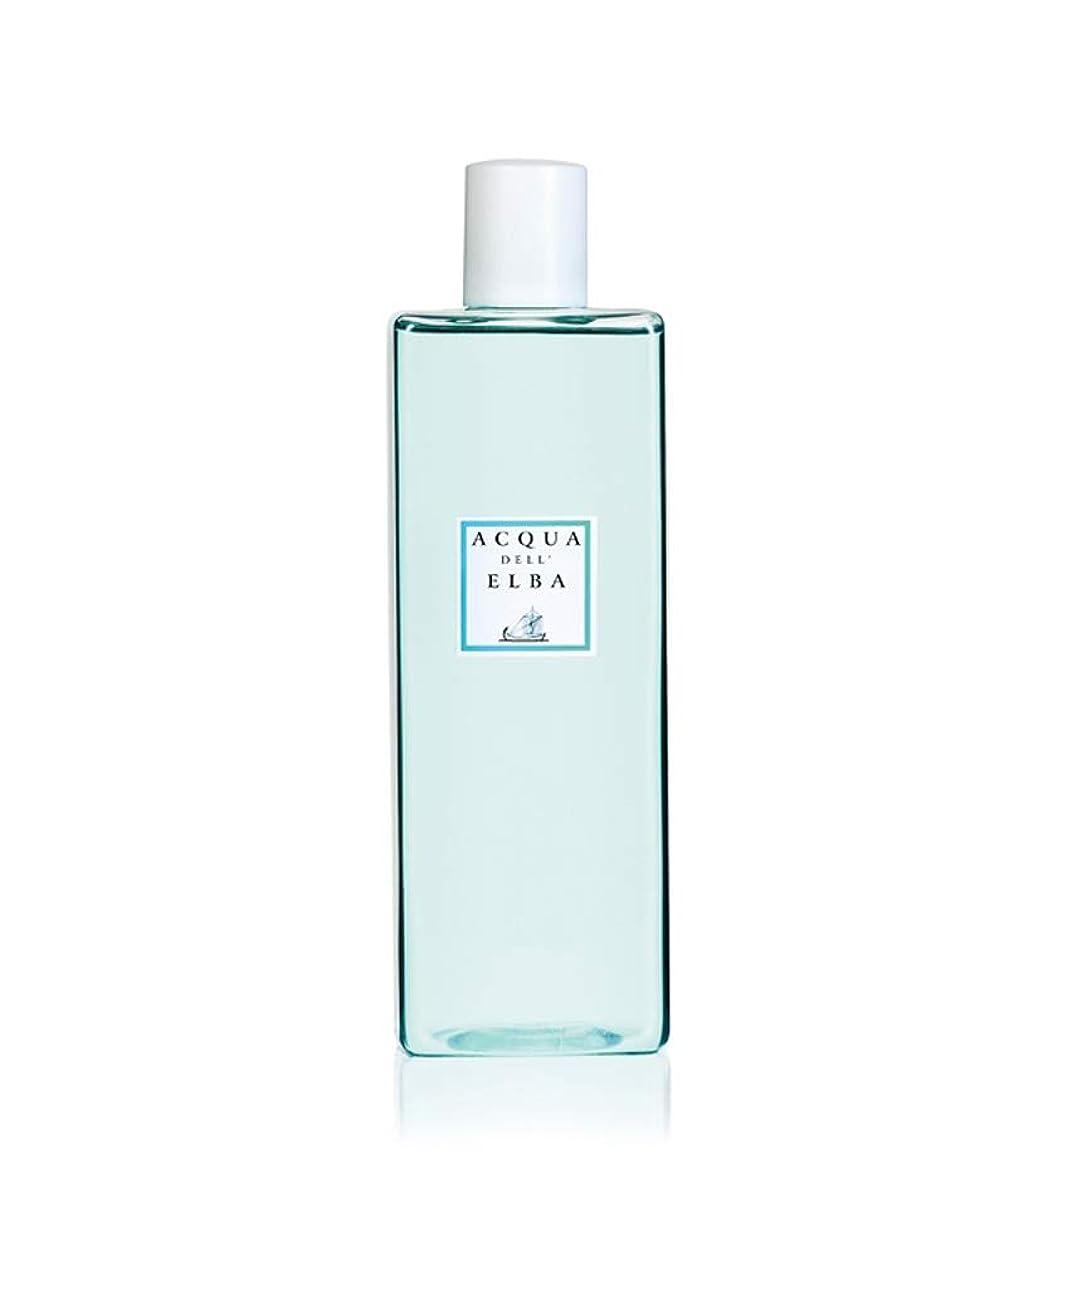 引き渡すやろう対人アクア?デッレ?エルバ Home Fragrance Diffuser Refill - Isola D'Elba 500ml/17oz並行輸入品